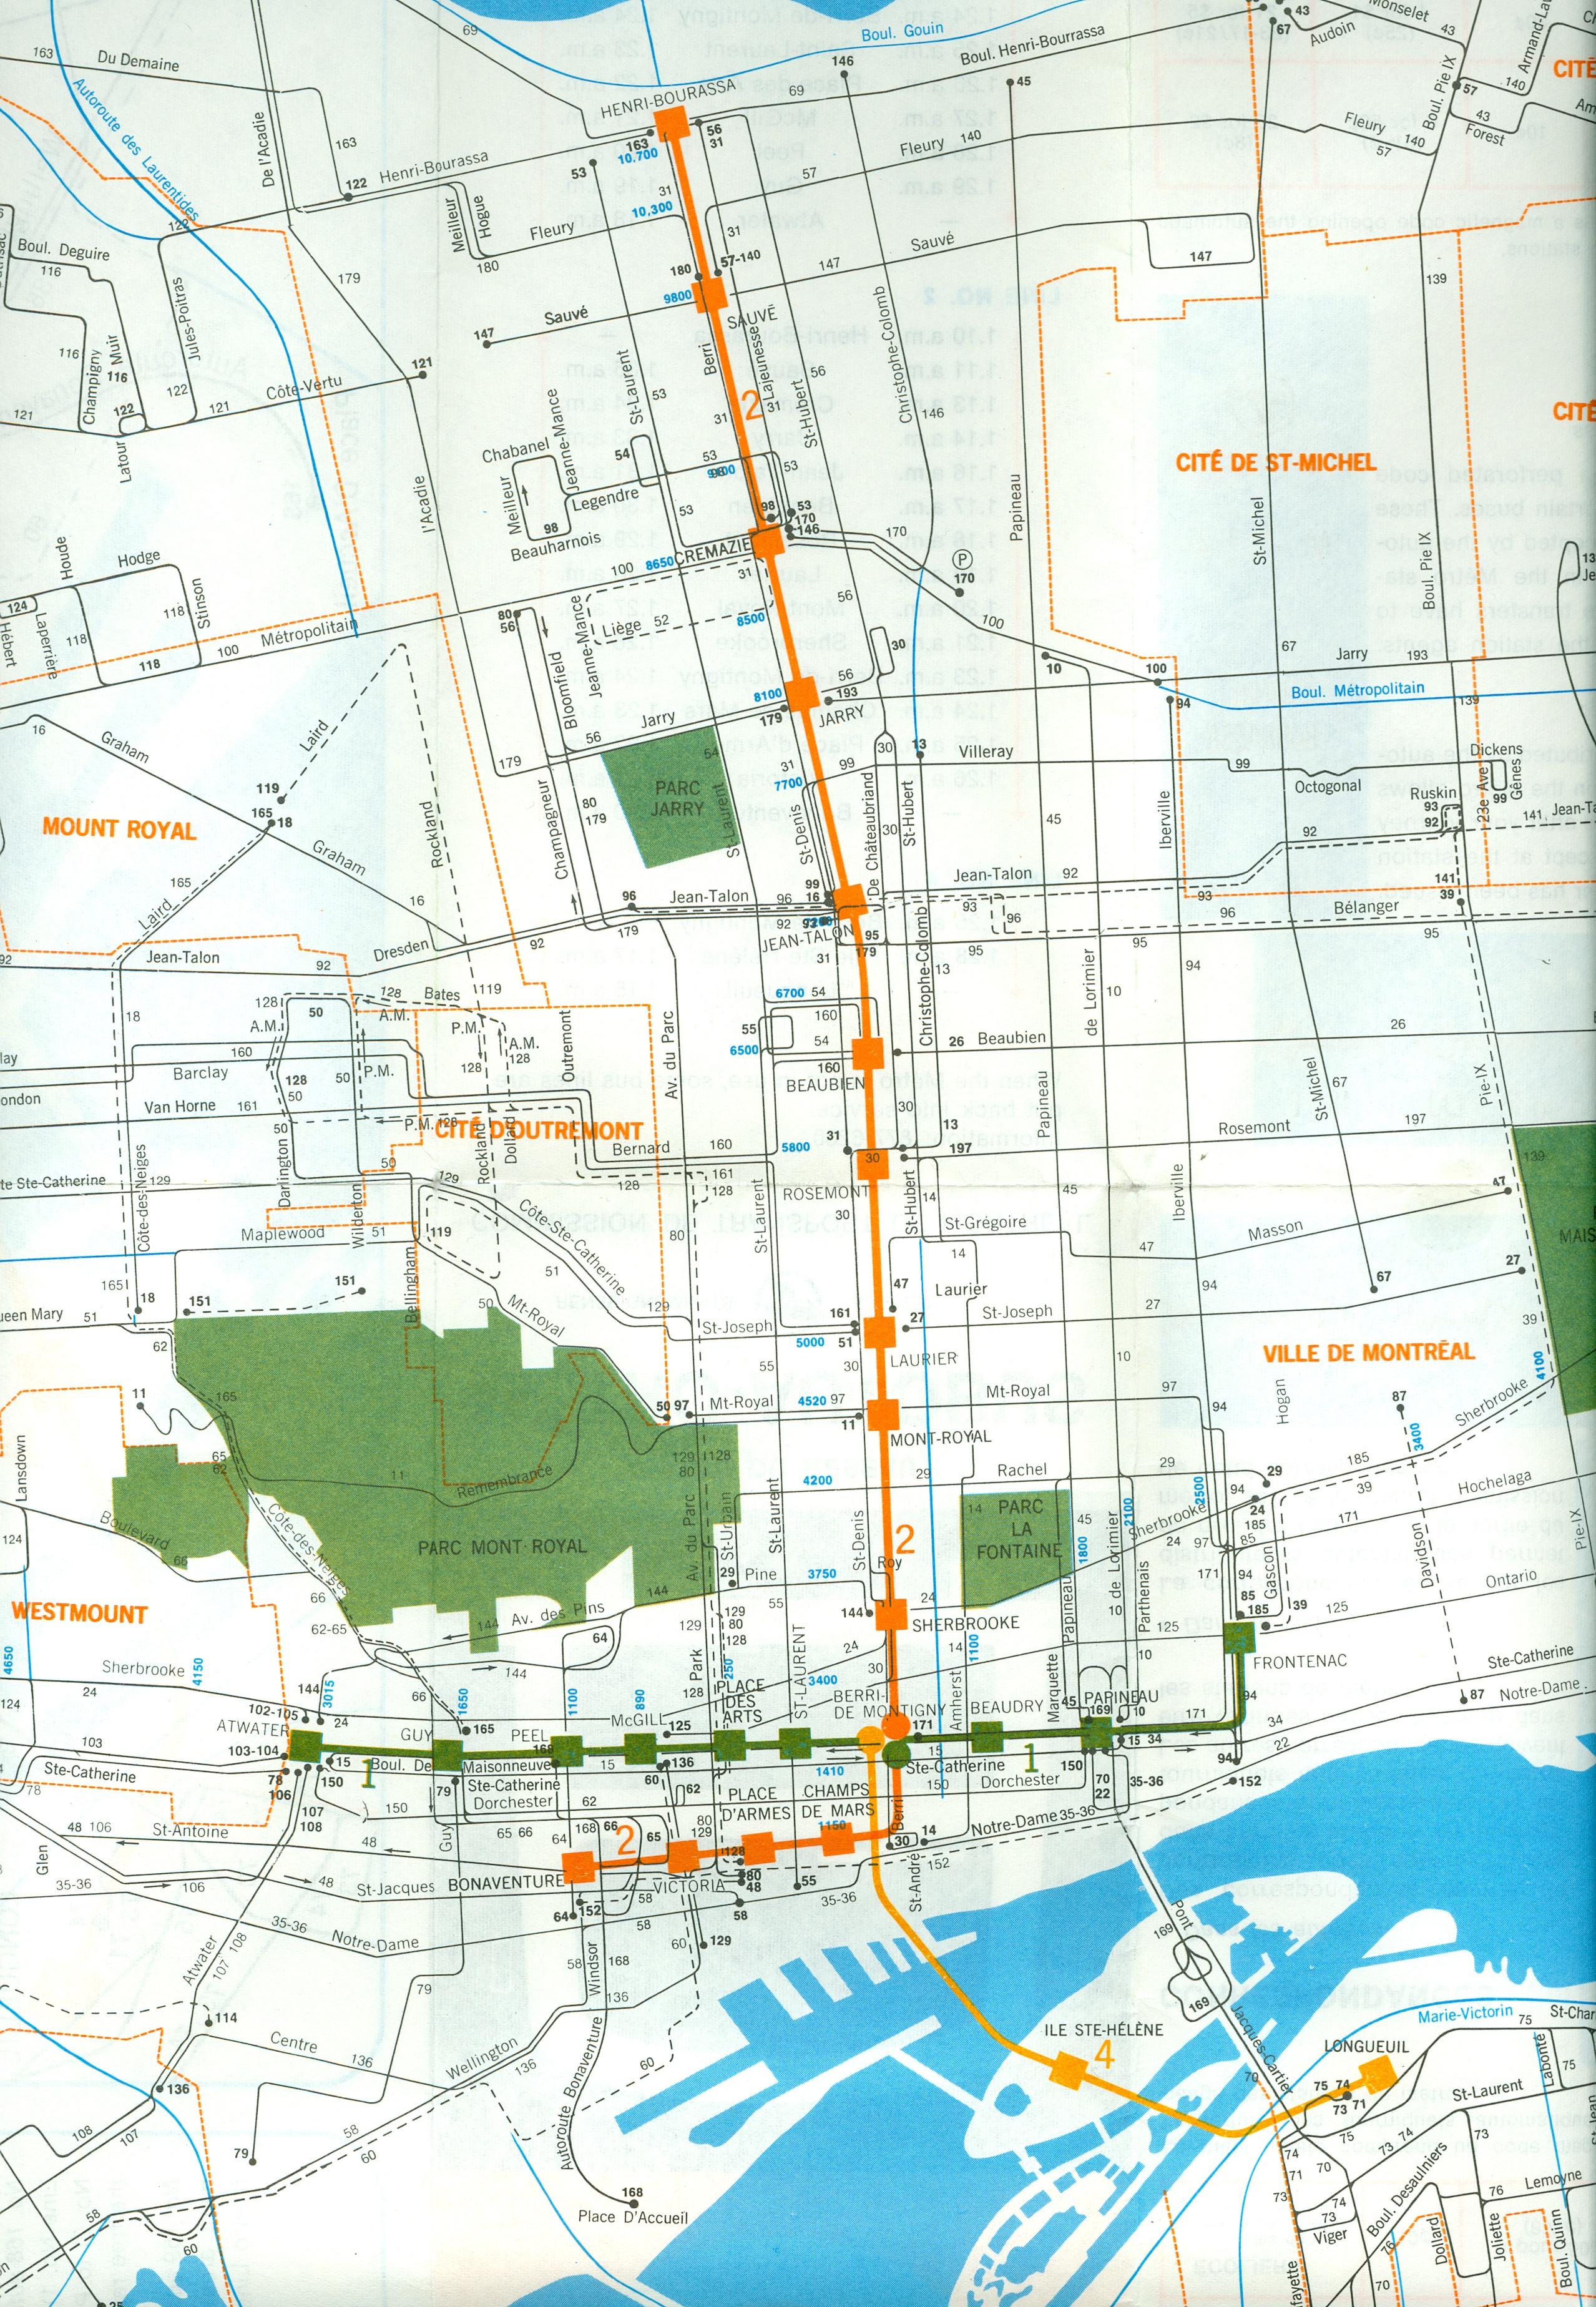 Métro de Montréal, carte du réseau initial, 1967